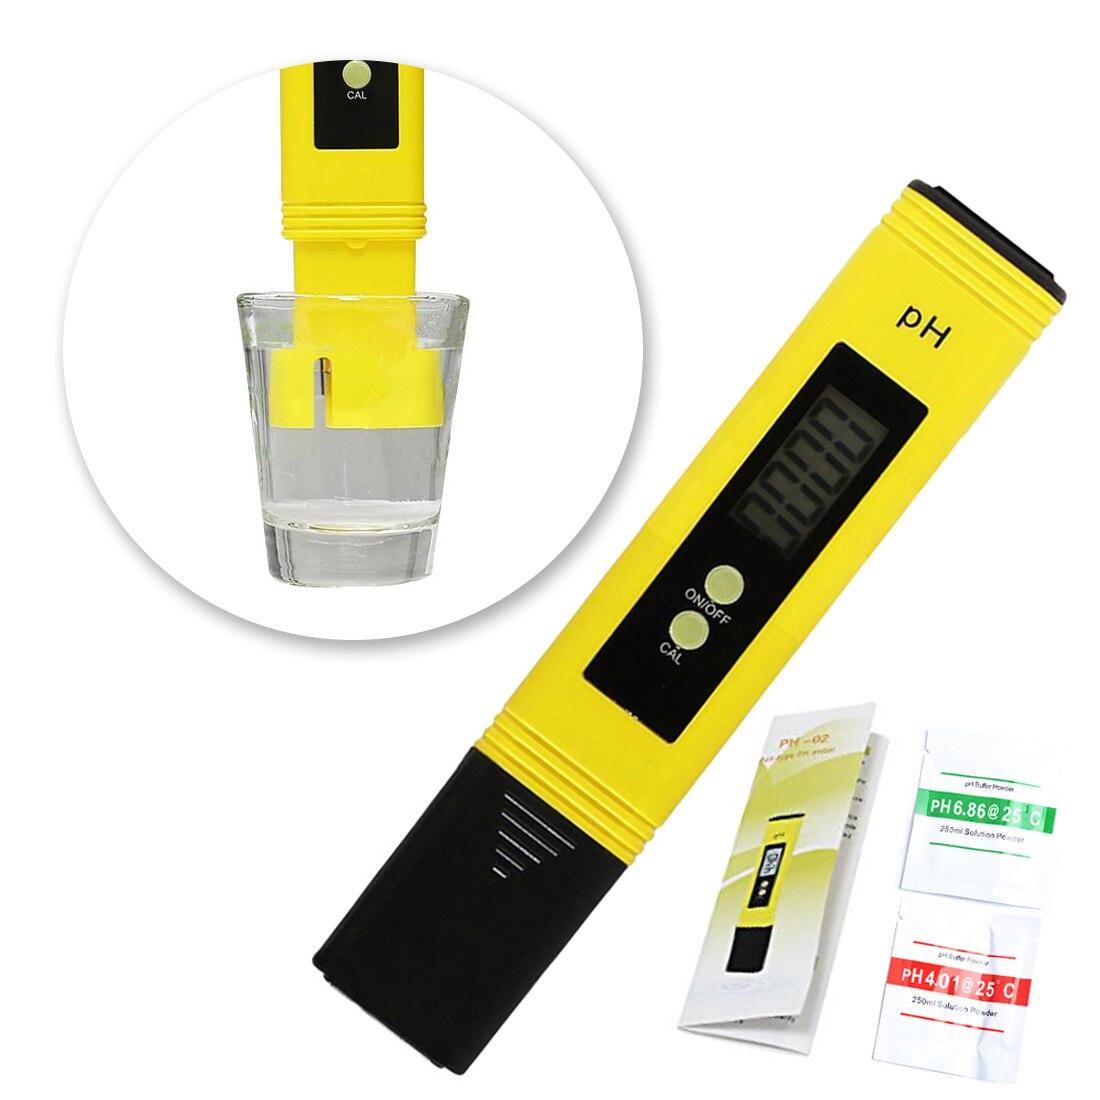 Lcd digital medidor de ph caneta tester precisão 0.1 aquário piscina água vinho urina calibração automática nova protable